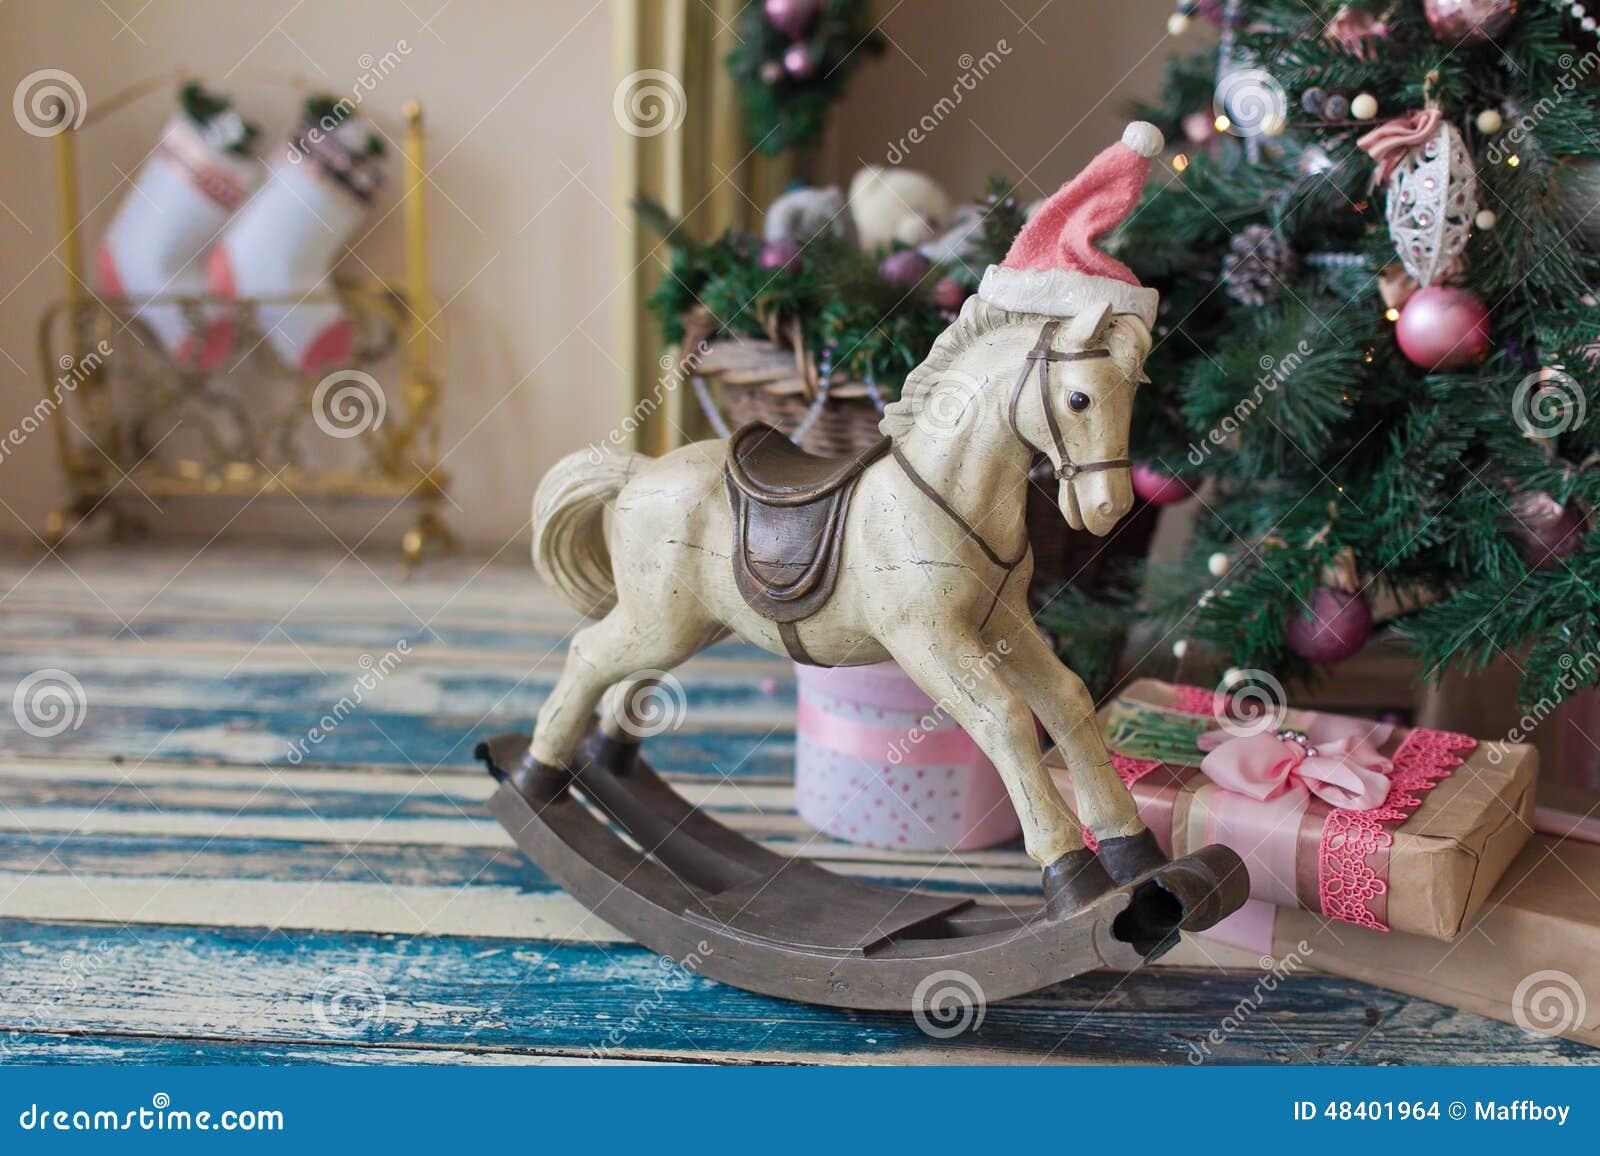 Cavallo Di Legno Giocattolo.Cavallo Di Legno Del Giocattolo Di Natale Fotografia Stock